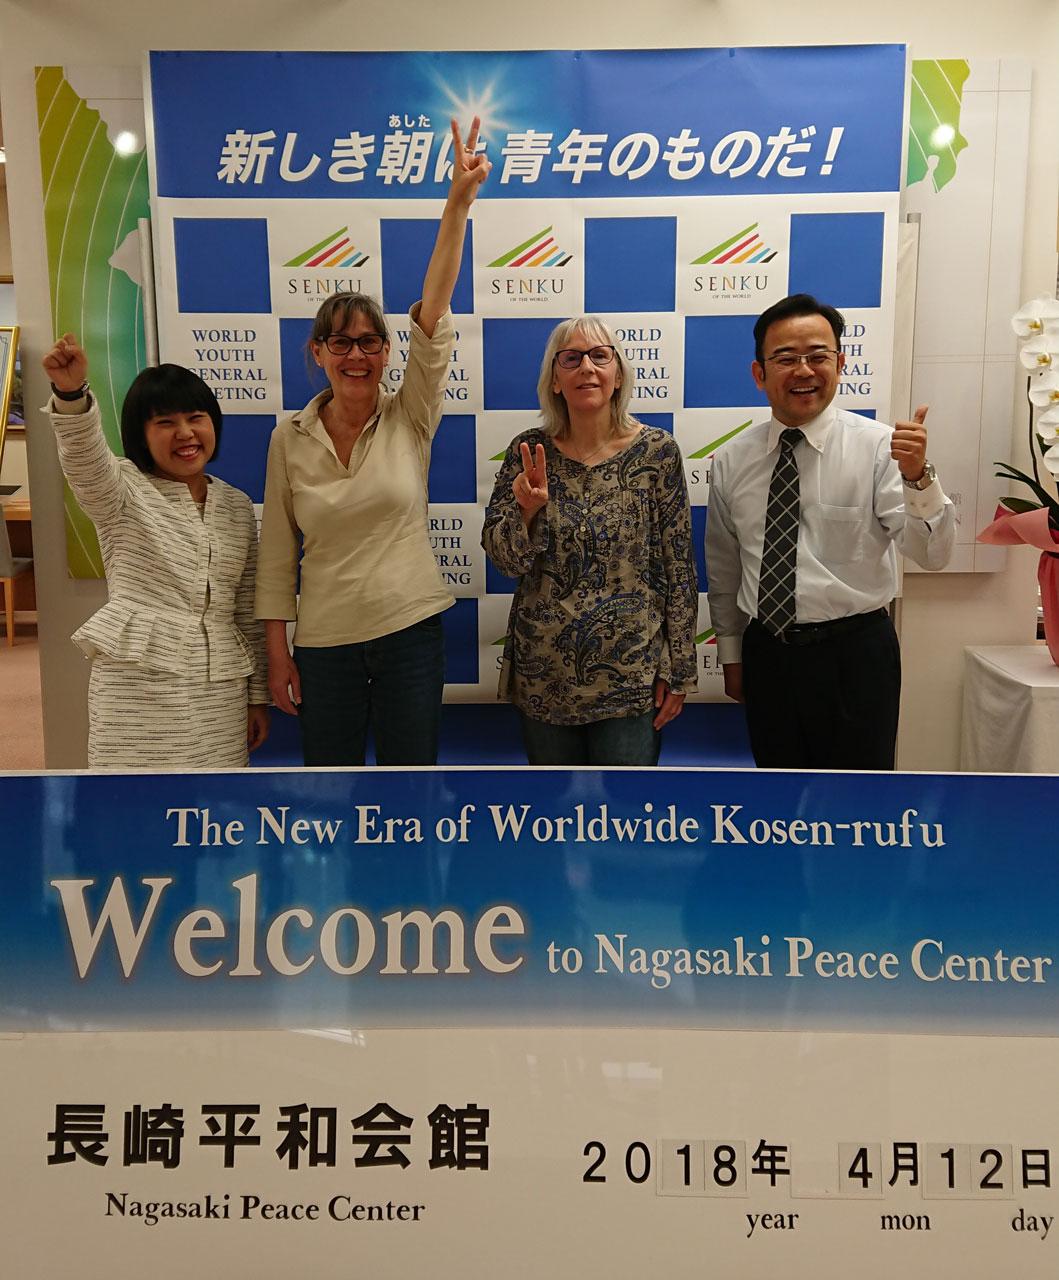 長崎創価学会  スイスのメンバー